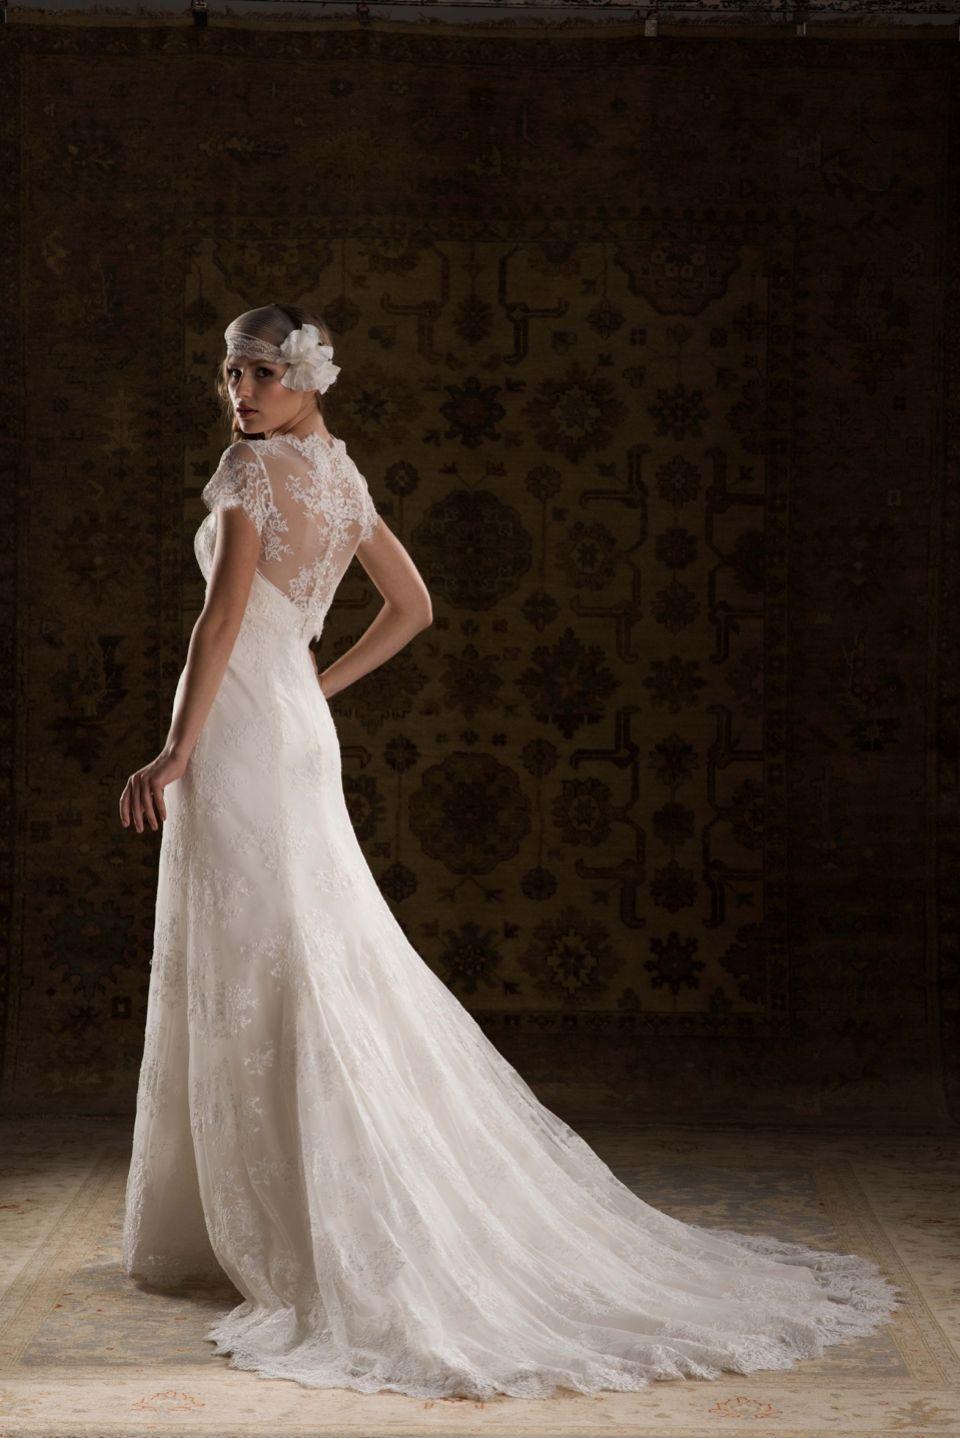 Joyce Young Celebrating Sophisticated and Elegant Bridal